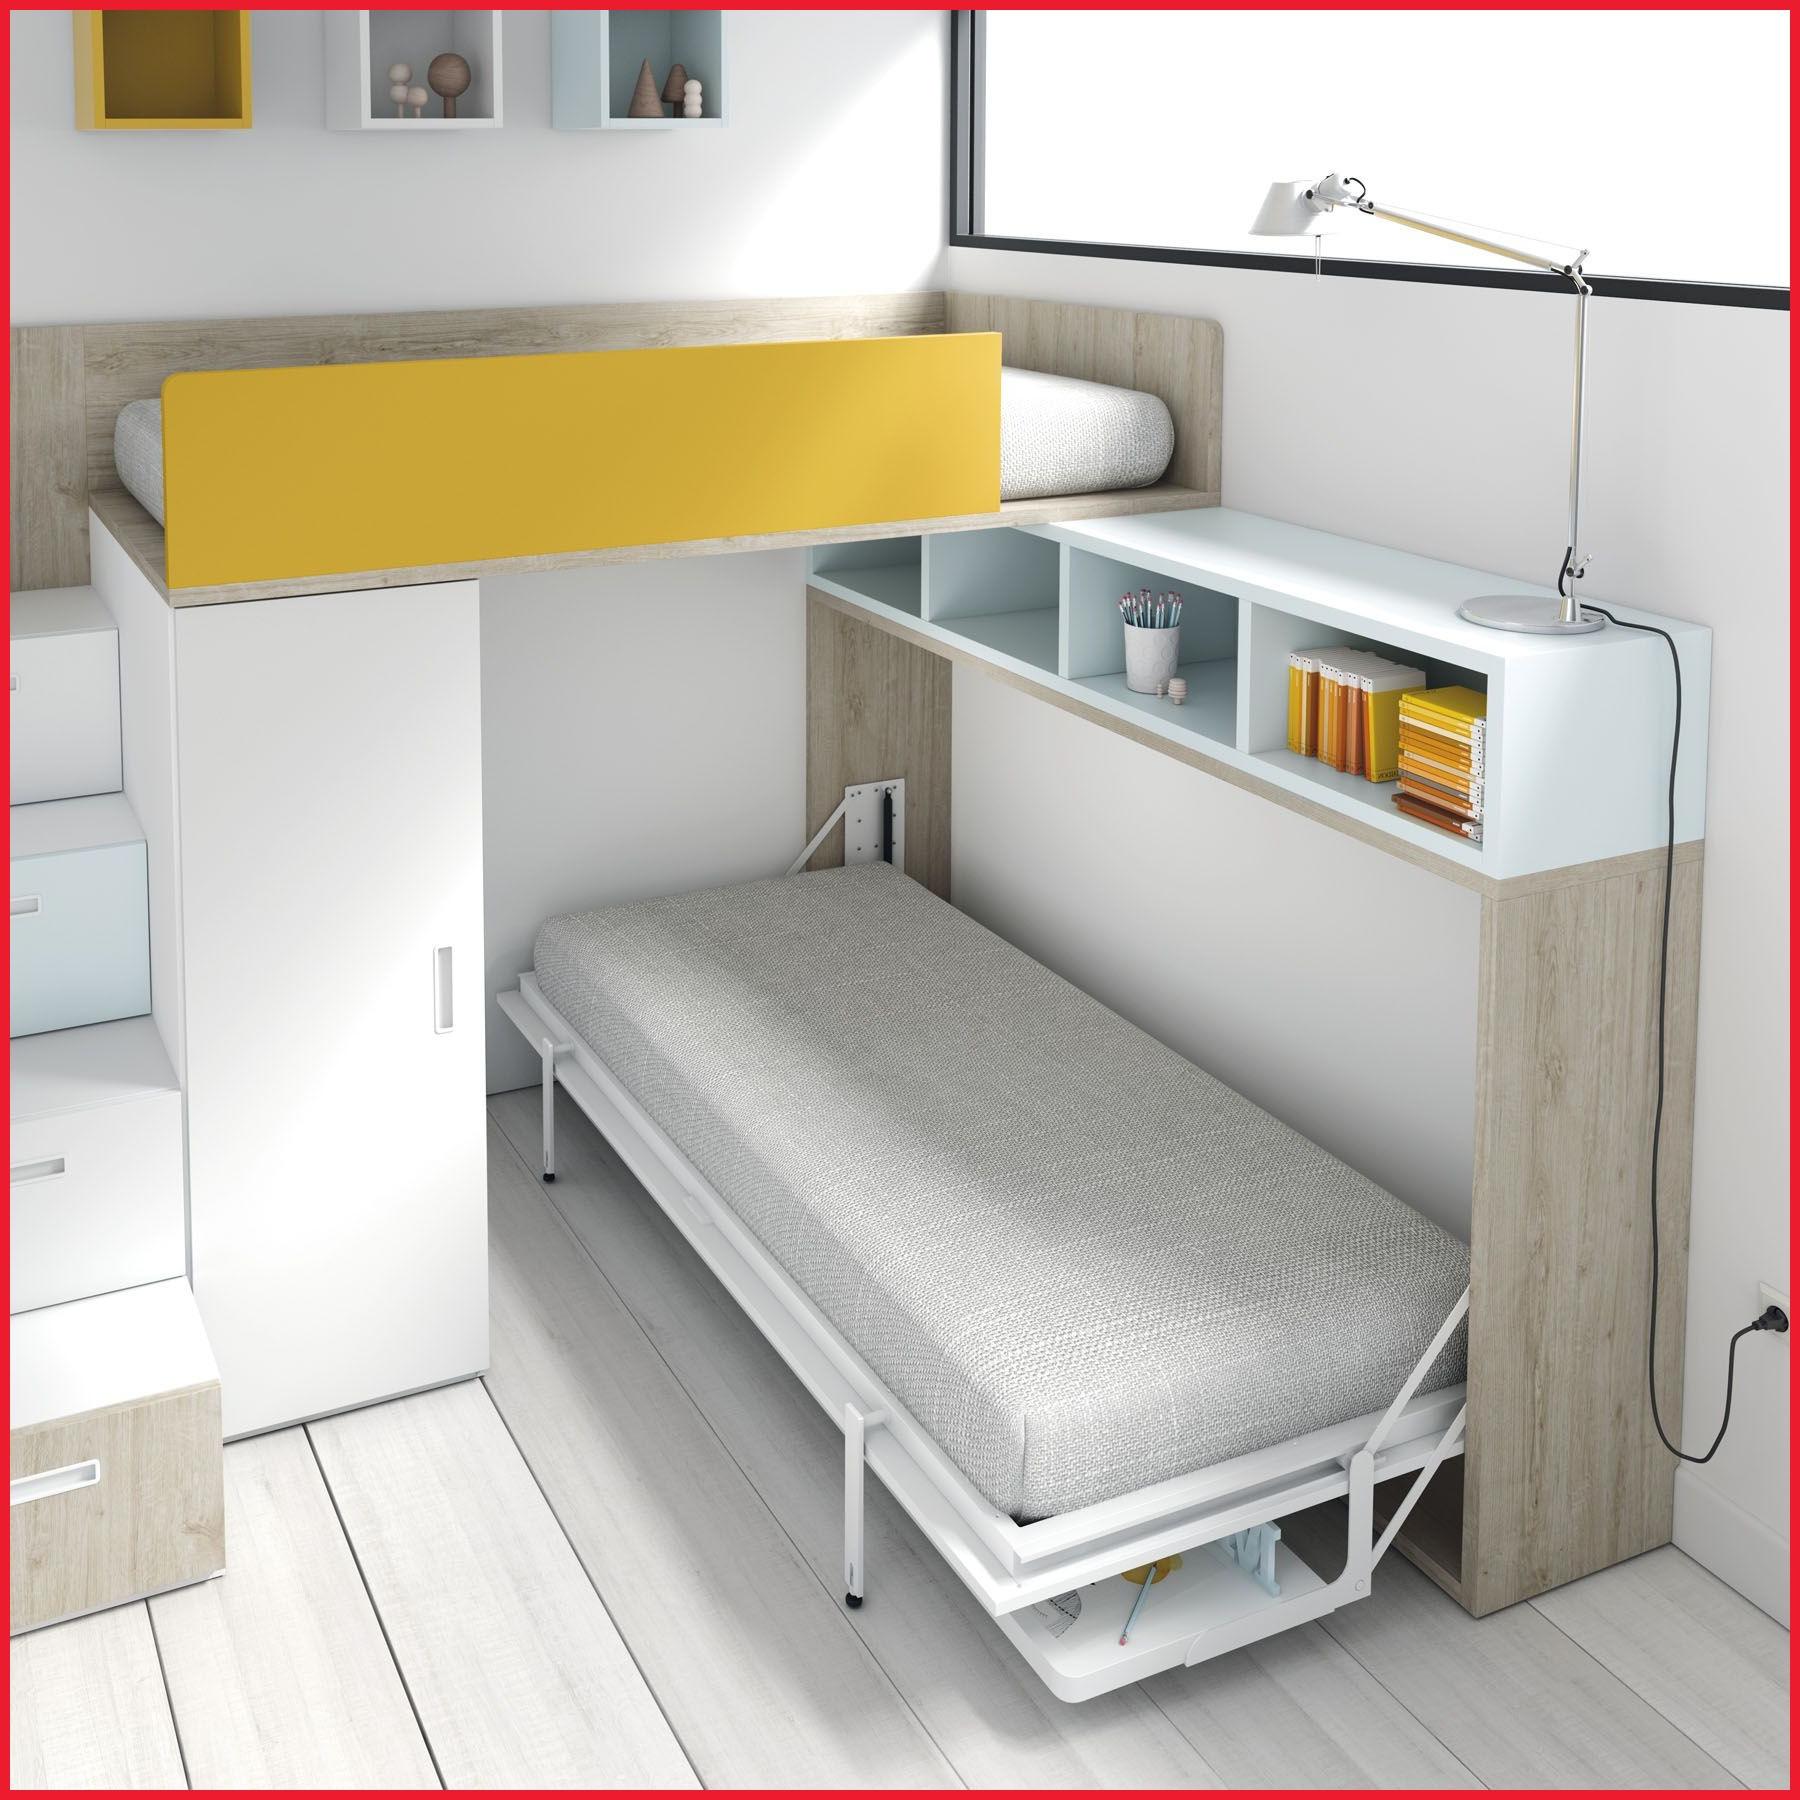 Mueble Cama Ikea Bqdd Mueble Cama Ikea Litera Con Cama Y Zona De Estudio Abatible